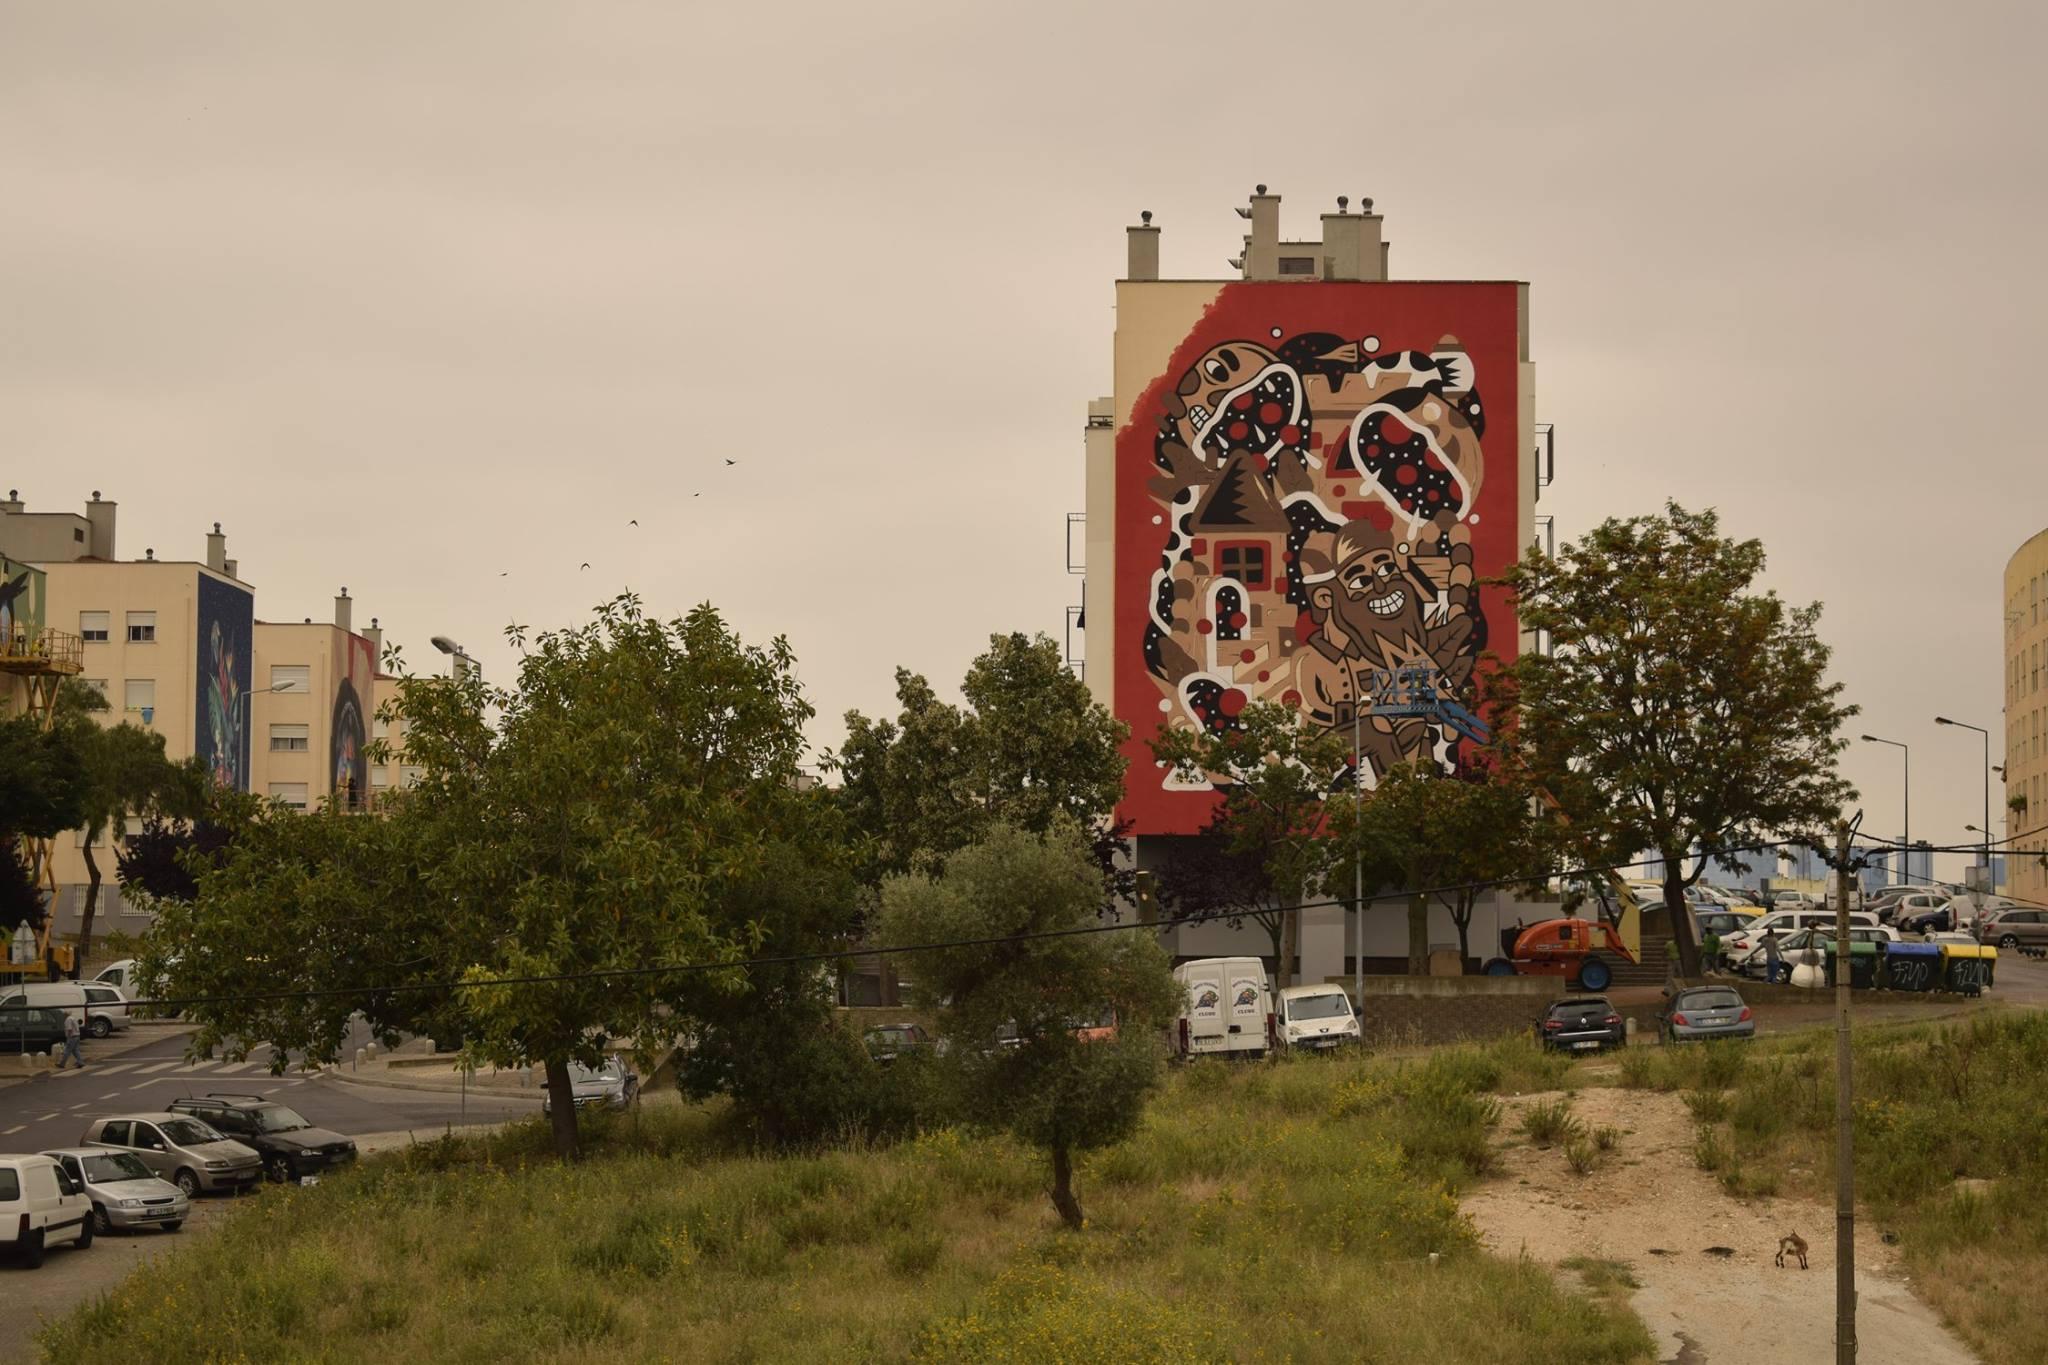 muro festival arte urbana marvila lisboa 2017 (8)